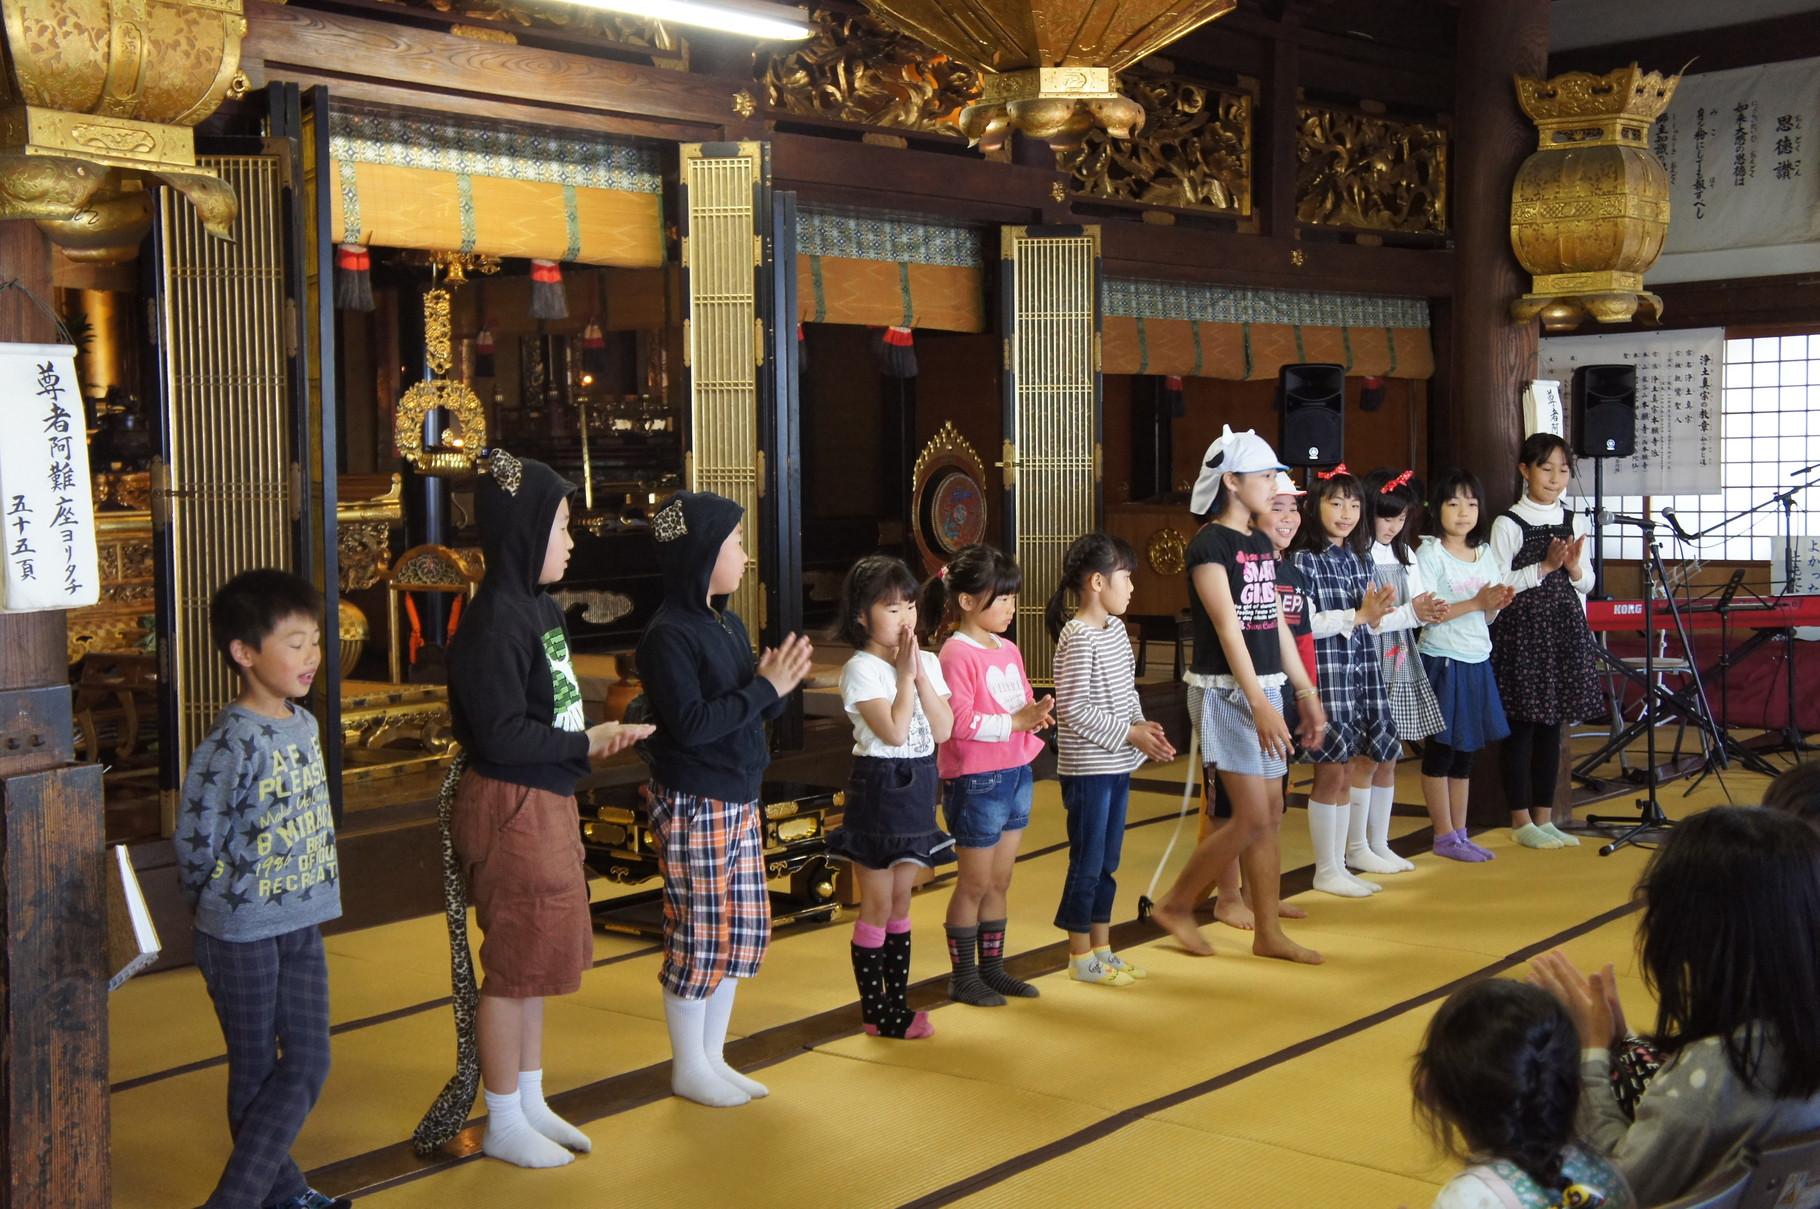 「光源寺寺子屋劇団」、とても素晴らしく愛らしい子供たちの劇に感動(*'▽')